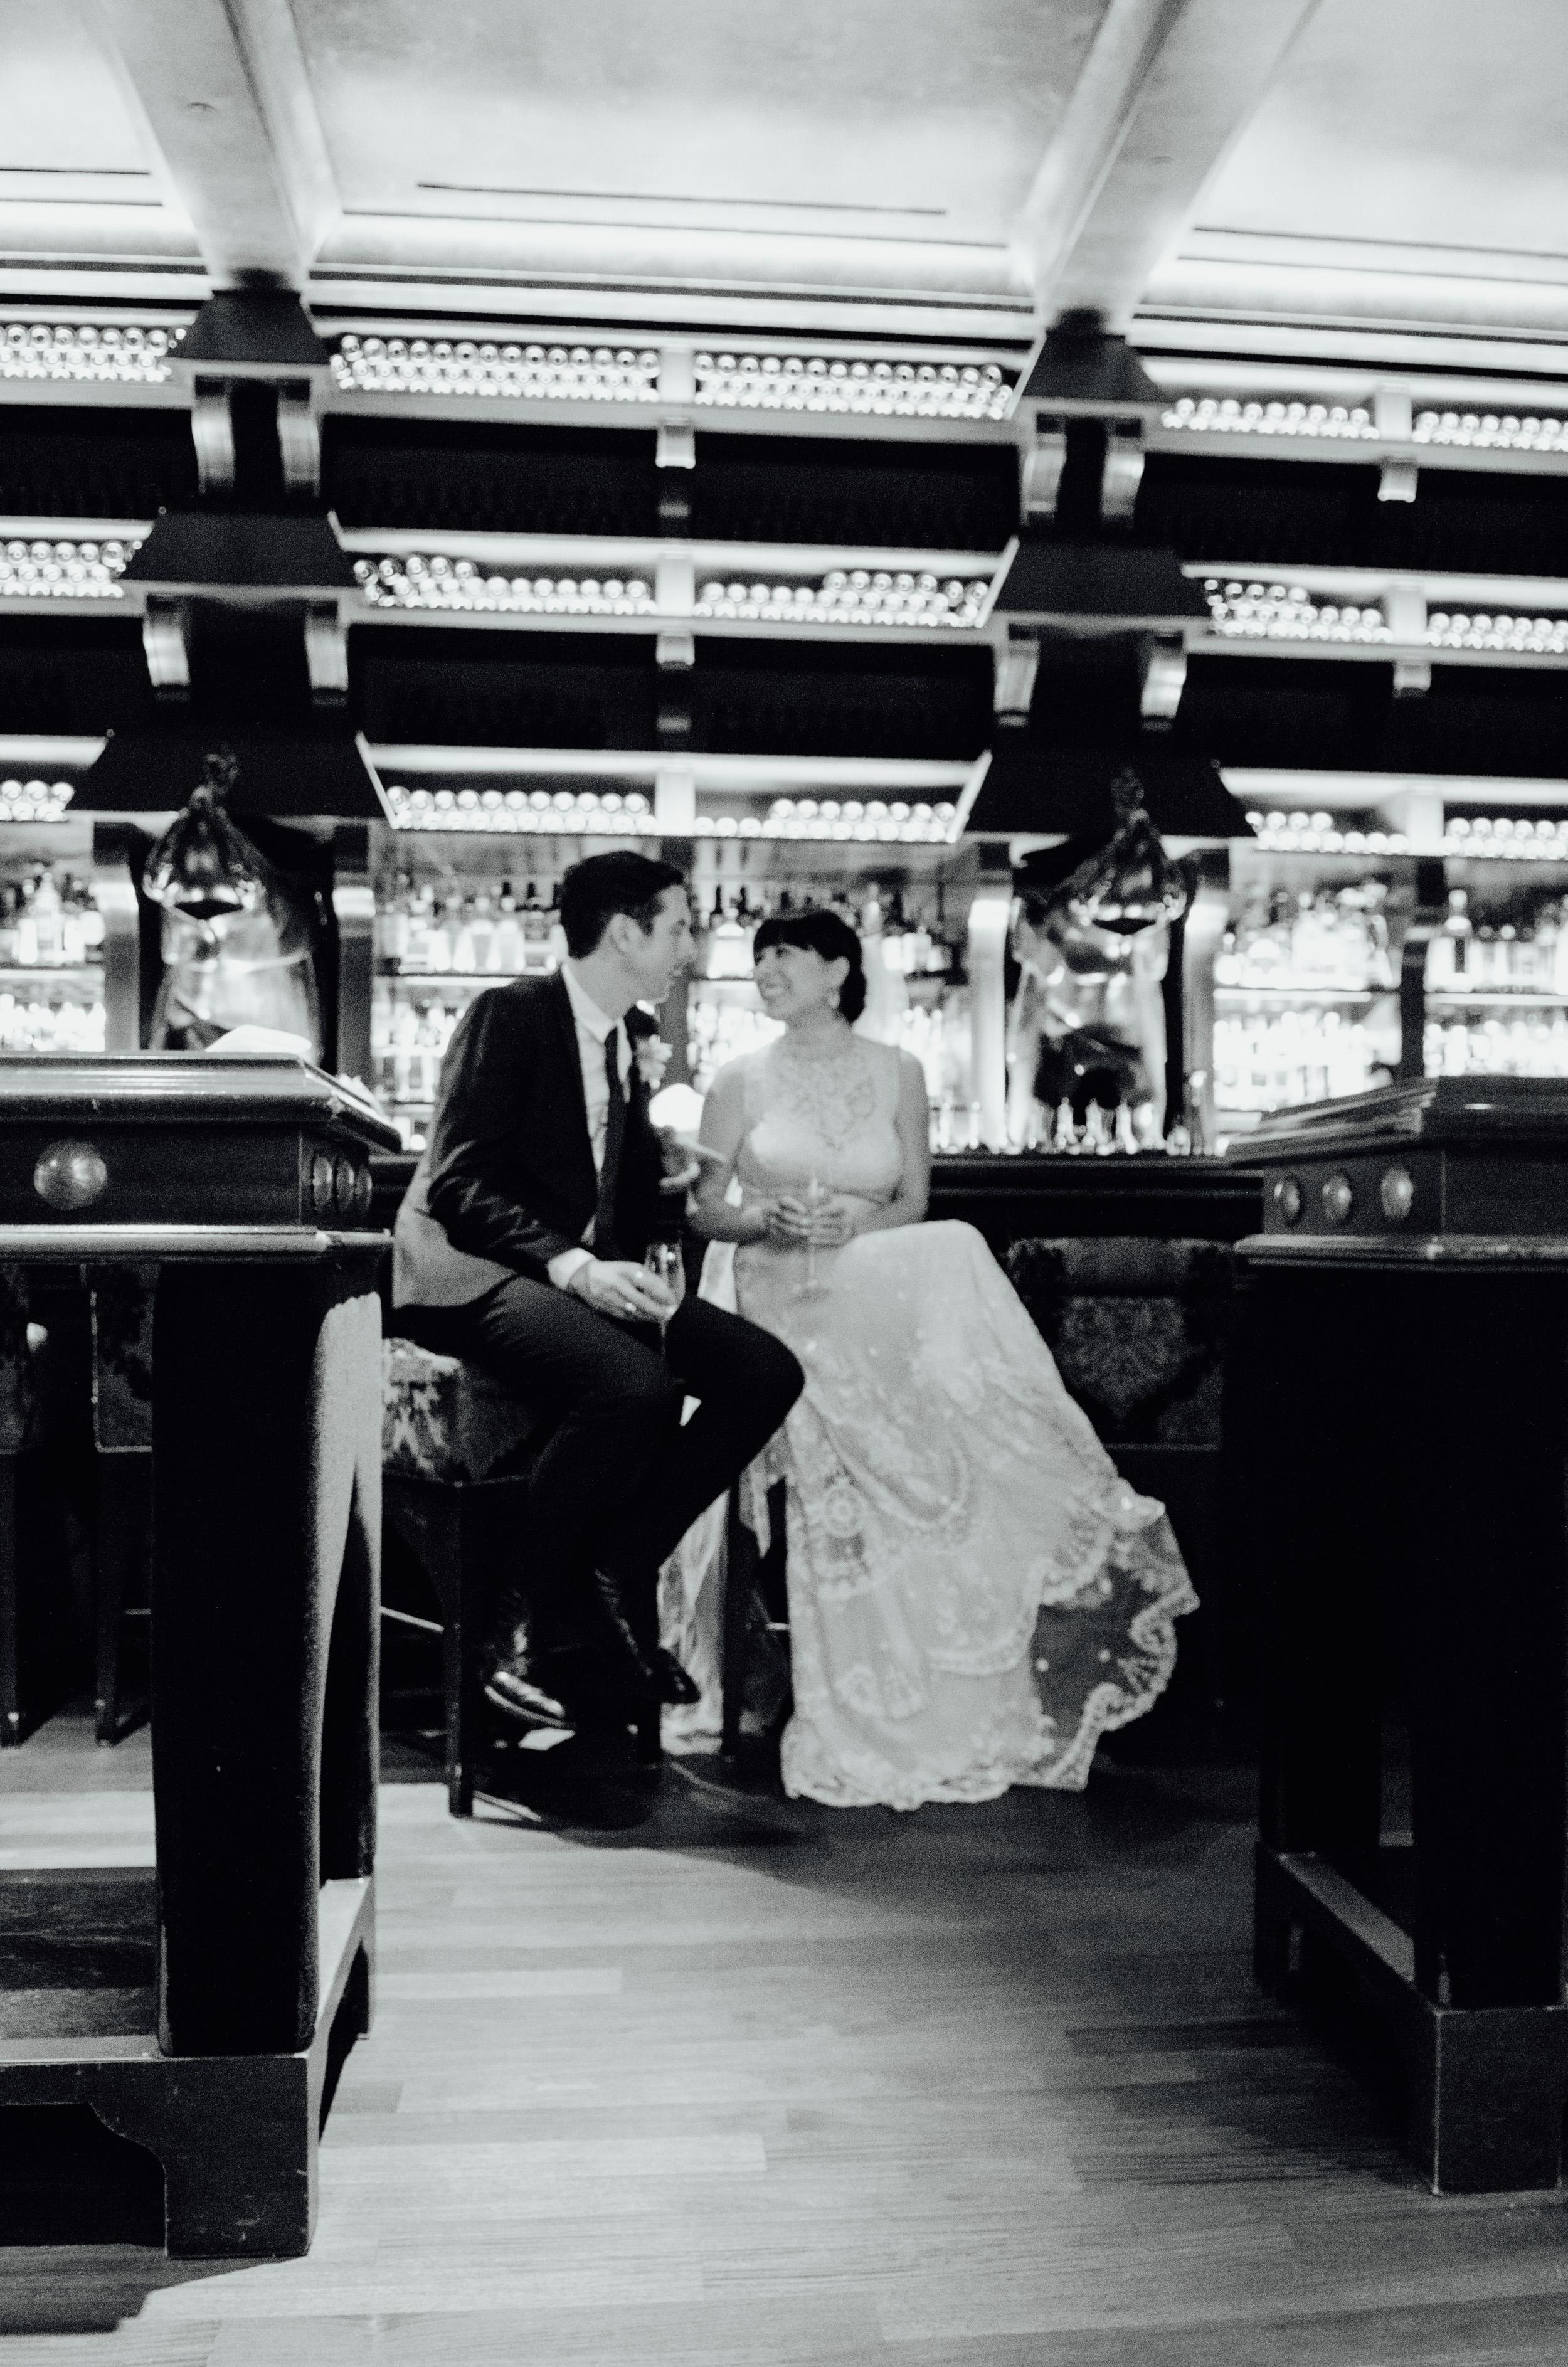 cleland-studios-weddings-40.jpg